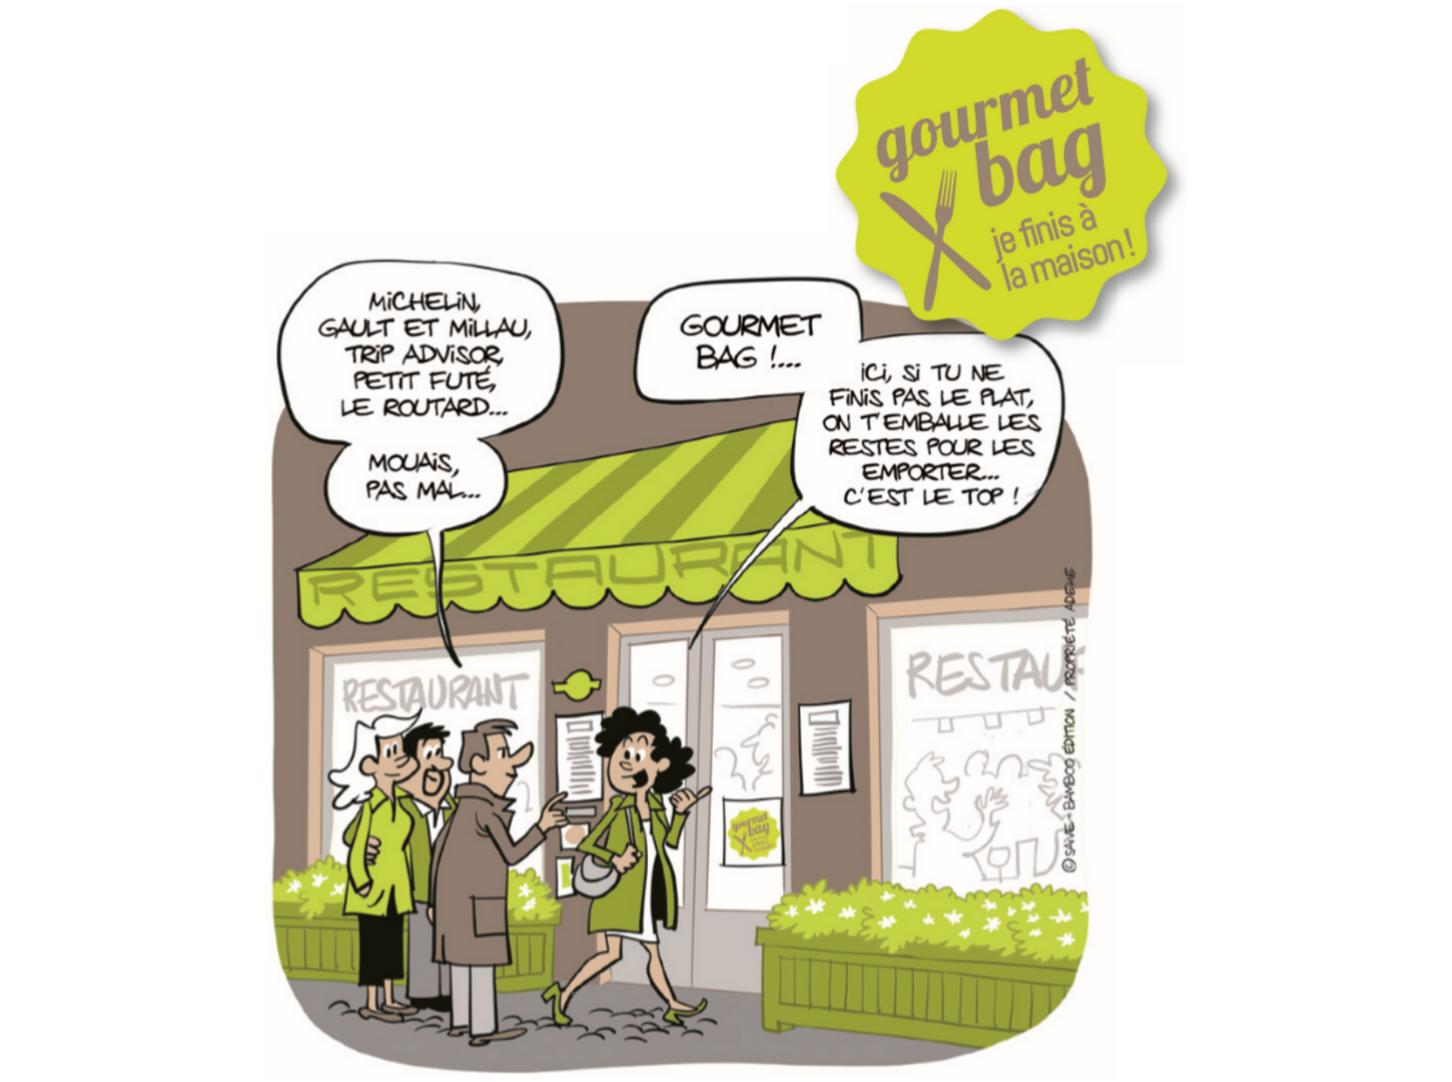 BD 4 Gourmet Bag ©ADEME